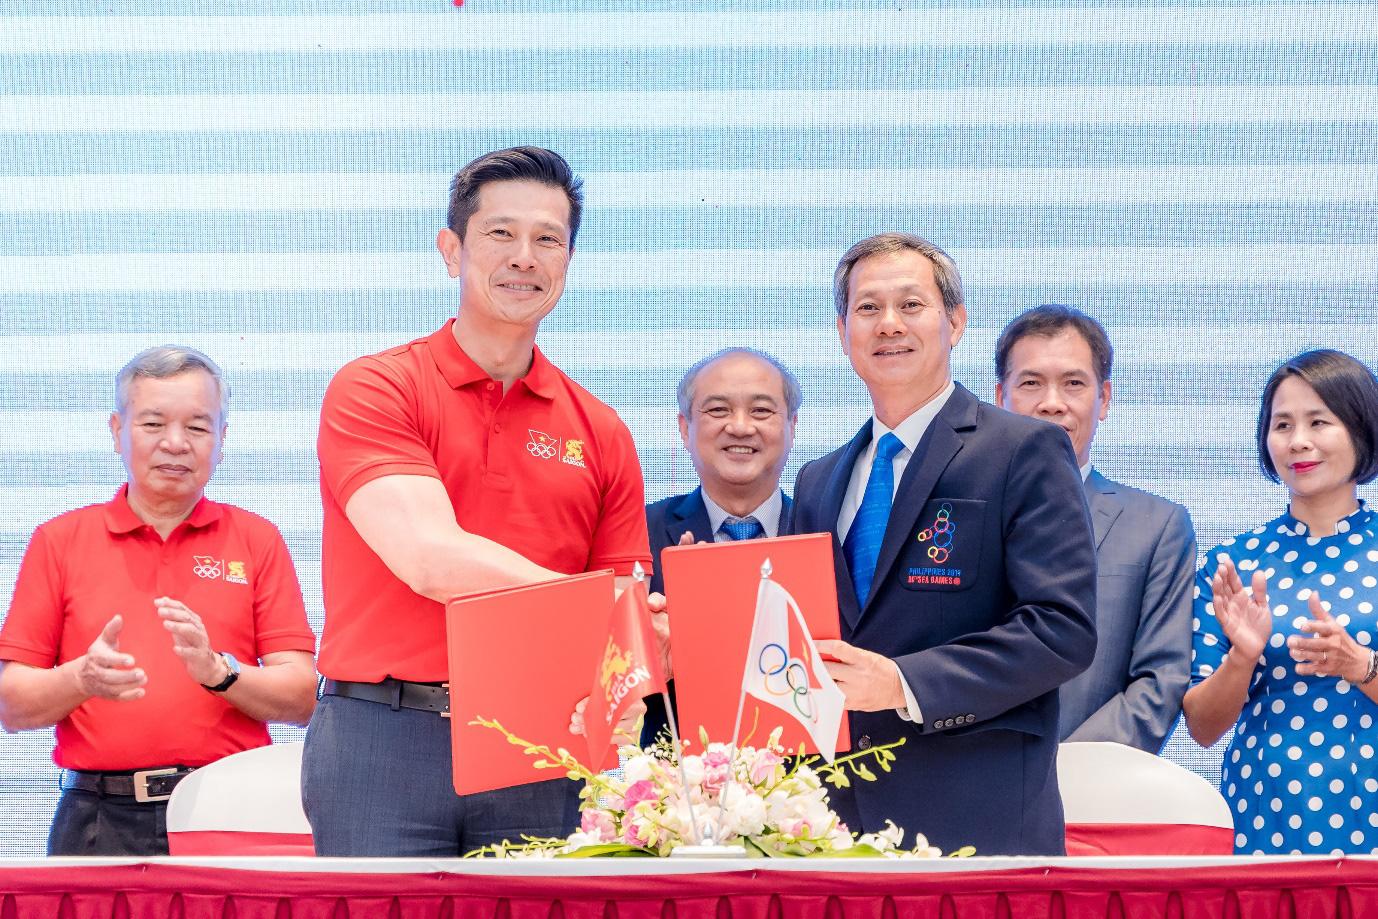 Đường tới SEA Games – Từ sân chơi thể thao khu vực đến kỳ vọng về một thế hệ trẻ Việt Nam đang lên, vươn tầm ra thế giới - Ảnh 2.